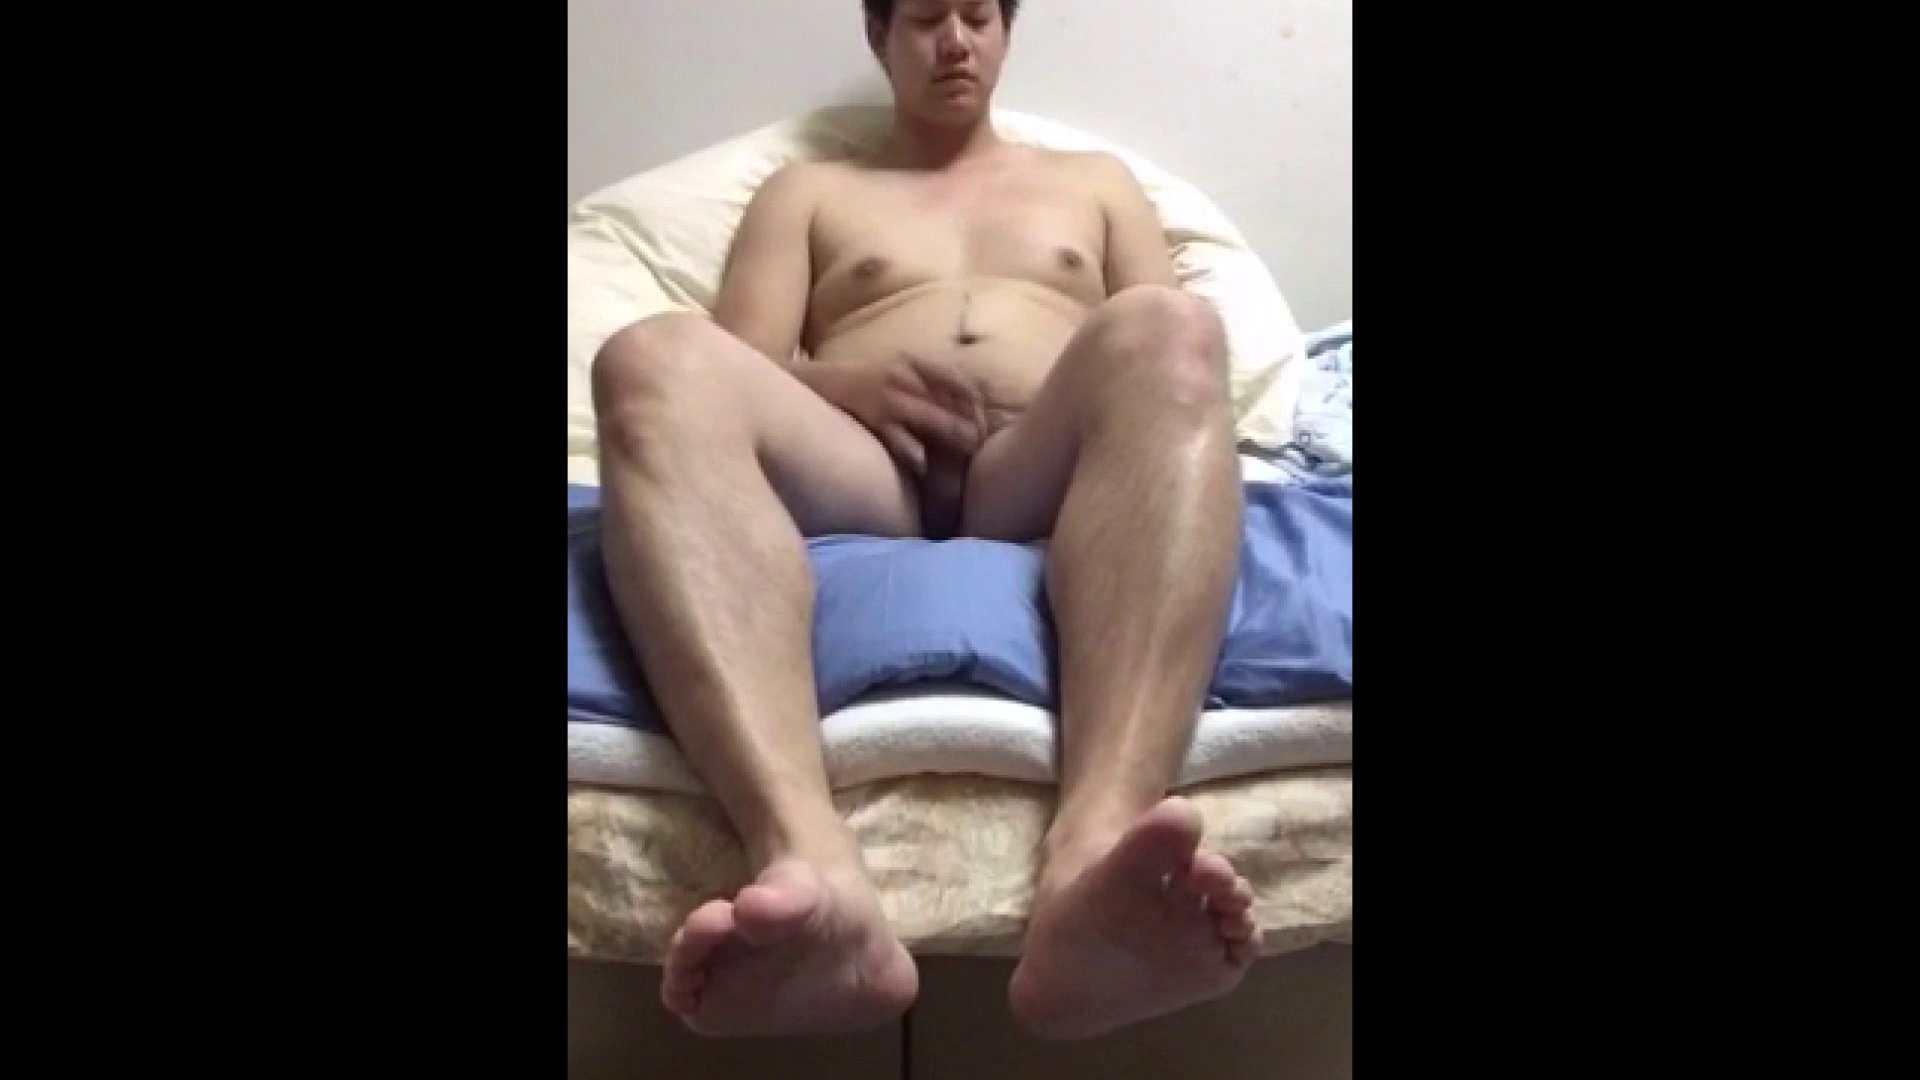 個人撮影 自慰の極意 Vol.18 オナニー専門男子 ゲイアダルト画像 76画像 62